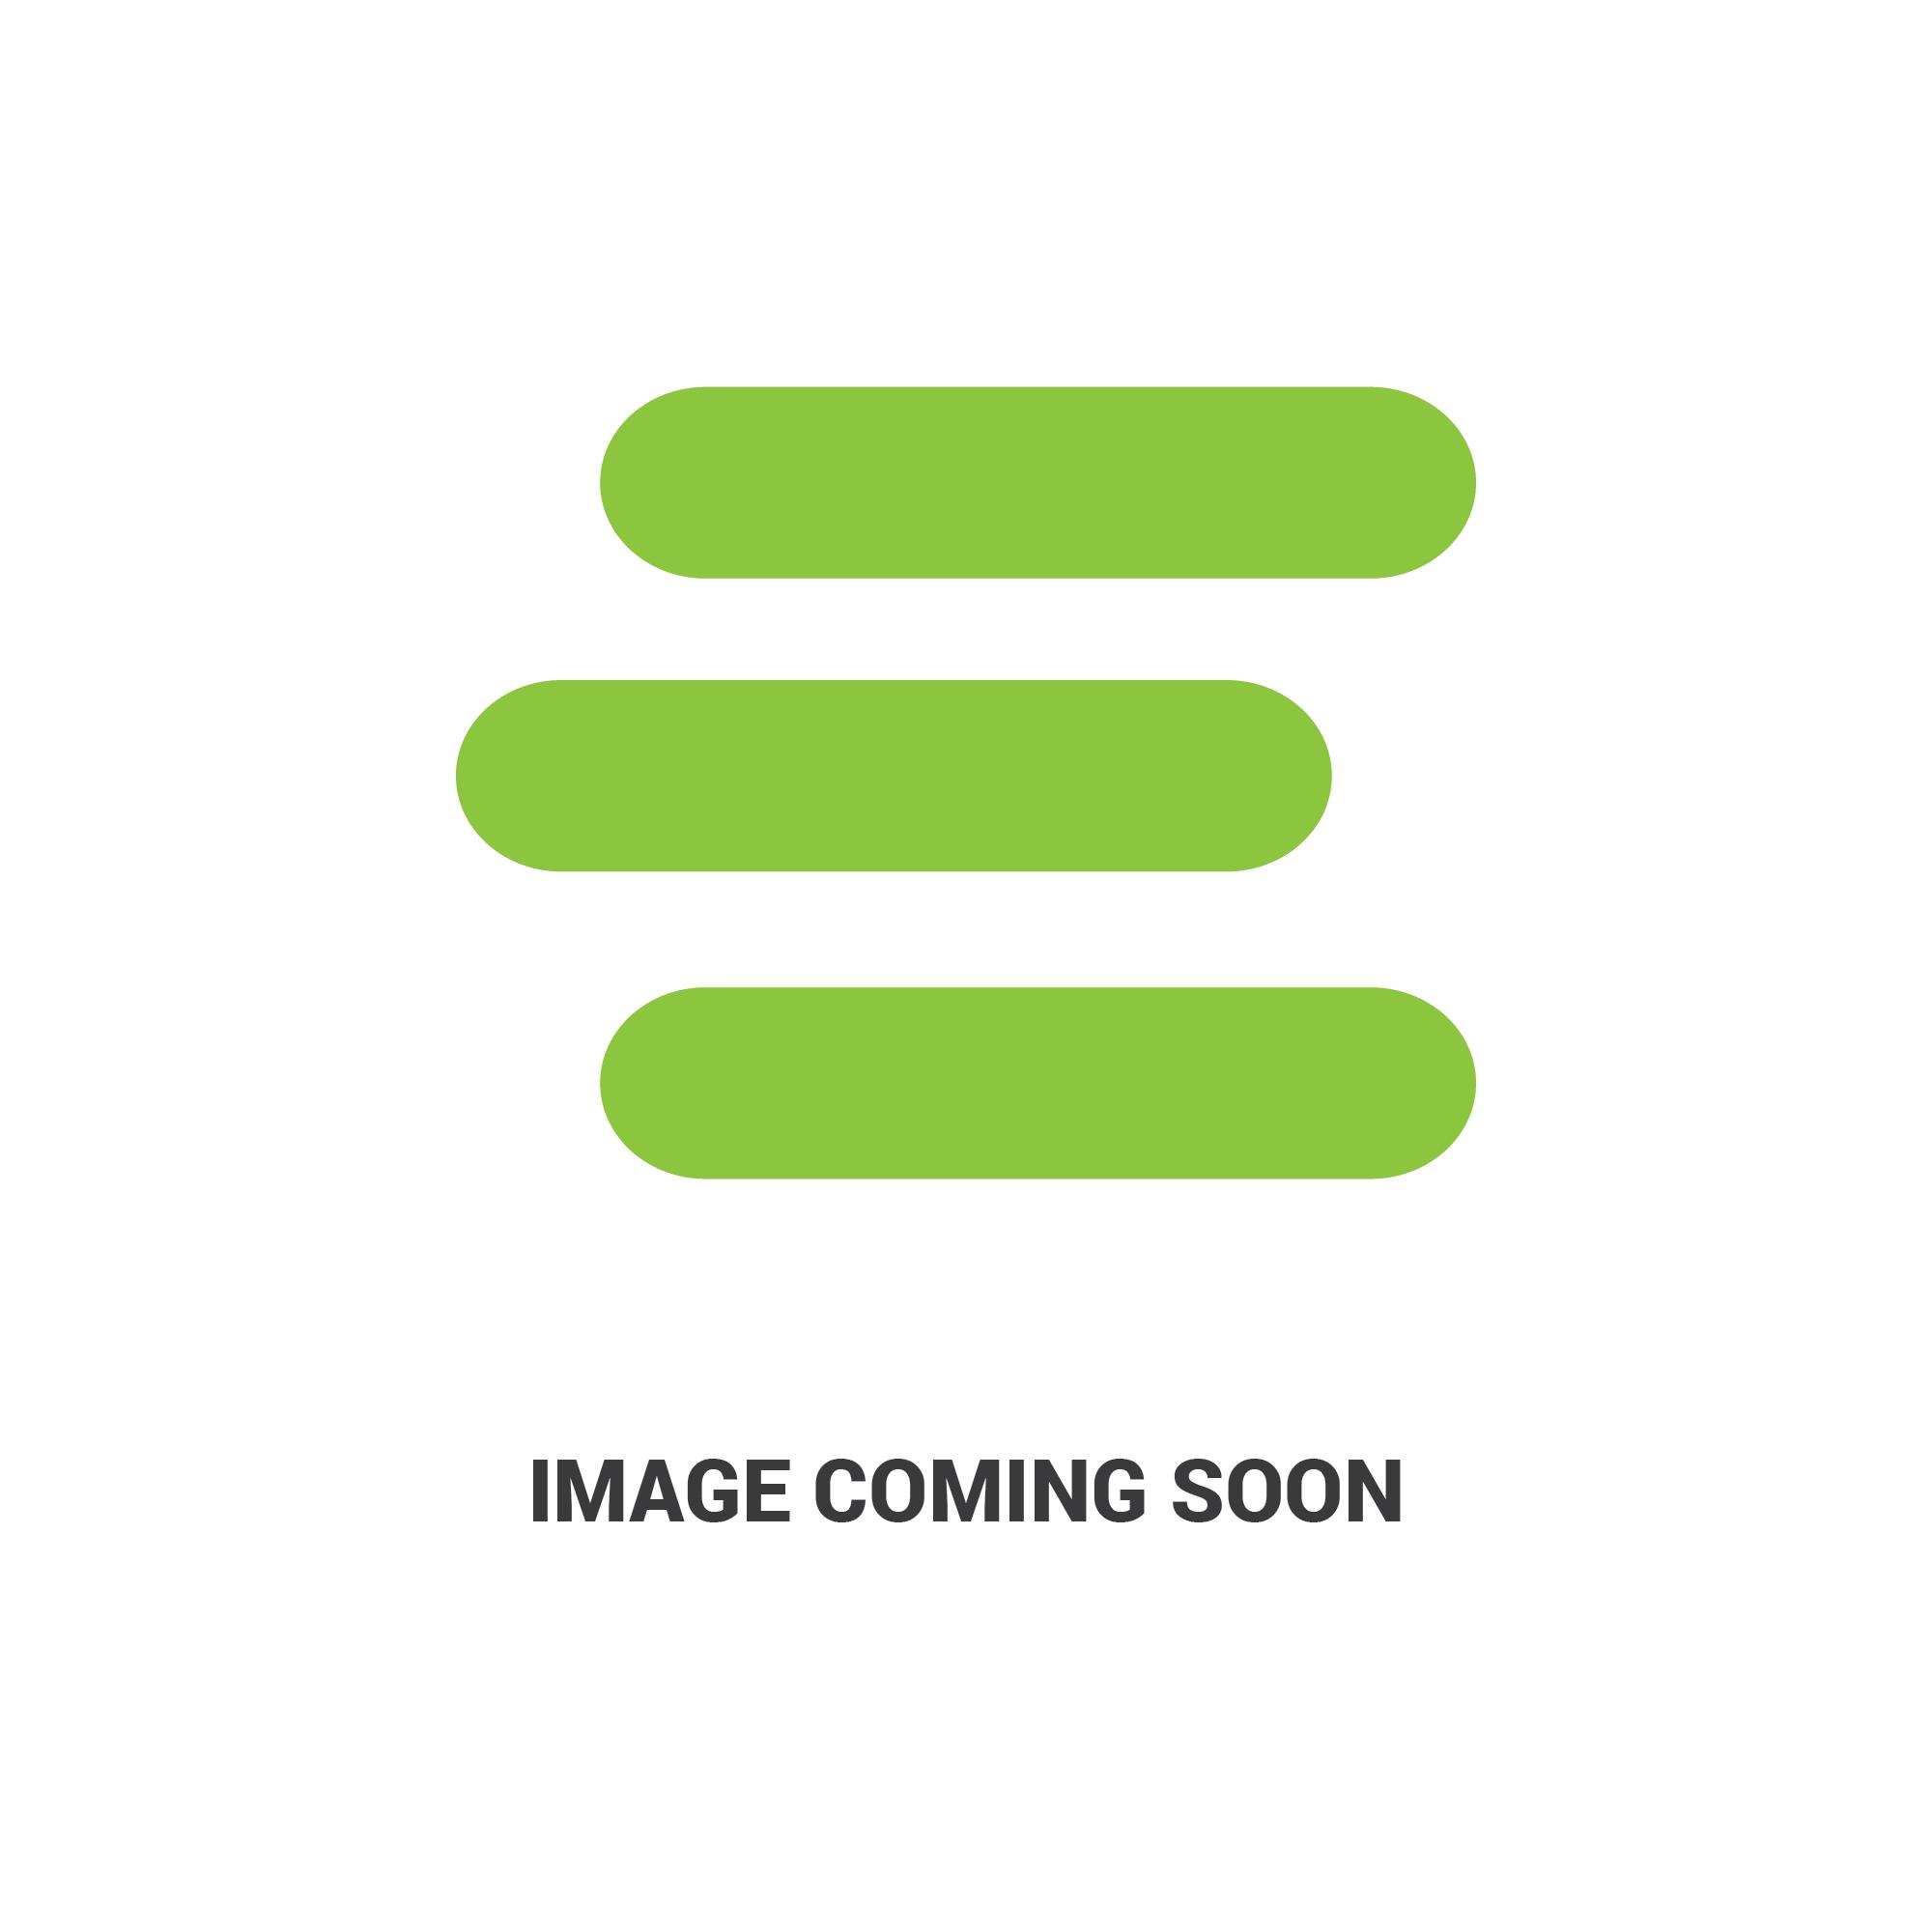 E-SJ20932edit 1275.jpg